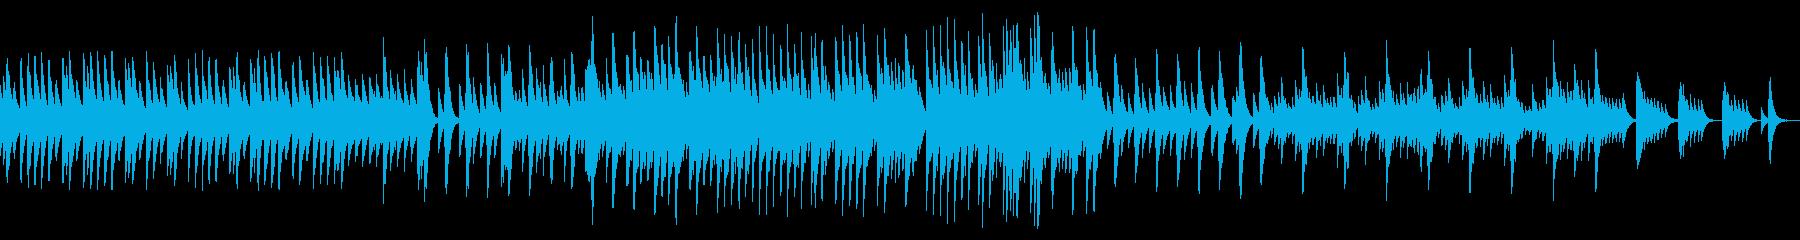 五日間の世界 音色2【優しいオルゴール】の再生済みの波形